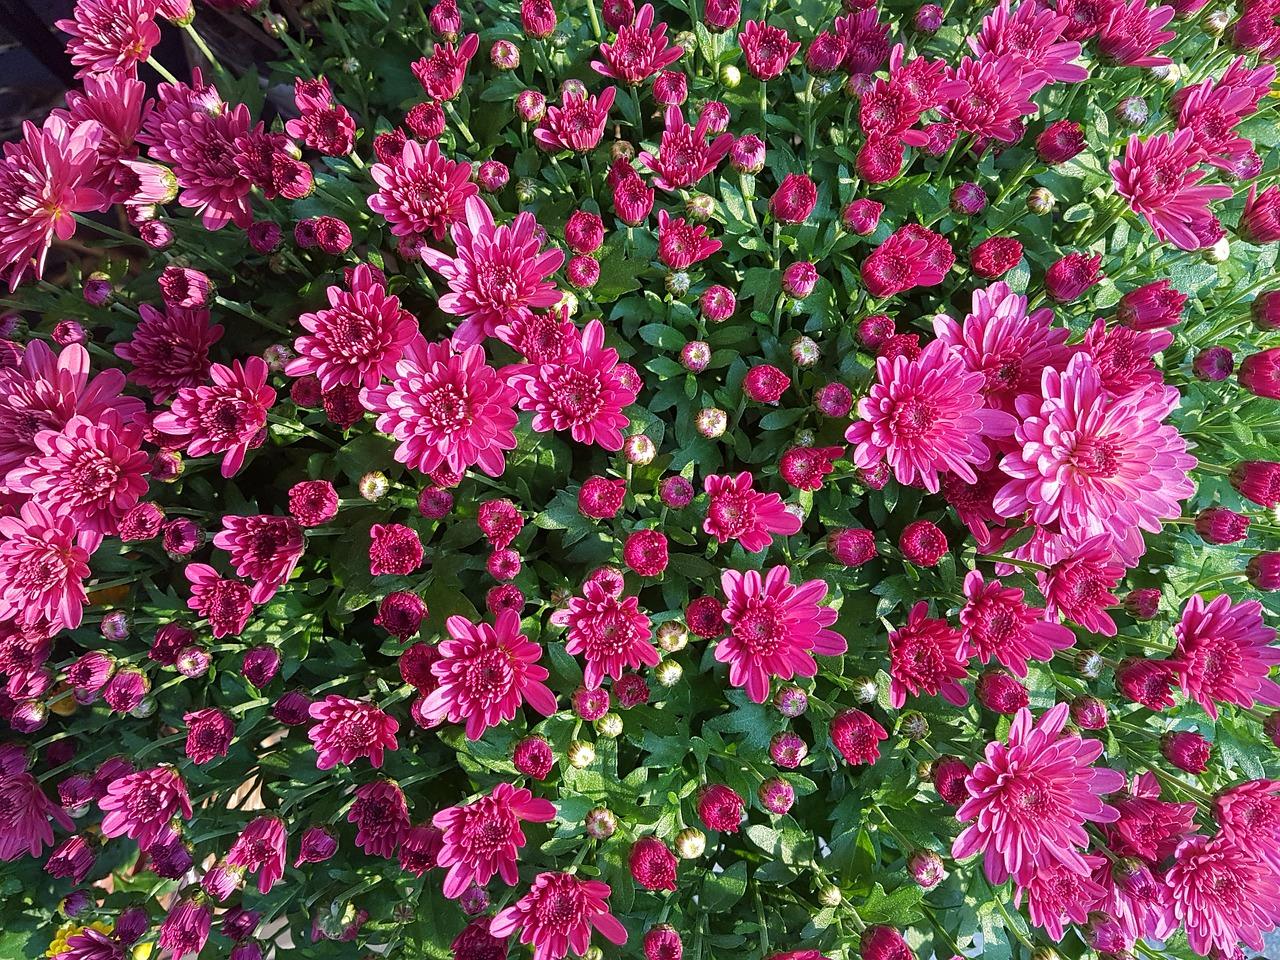 Chrysanthemum flowerautumnkogikufall flowersflower wallpaper chrysanthemum flower autumn kogiku izmirmasajfo